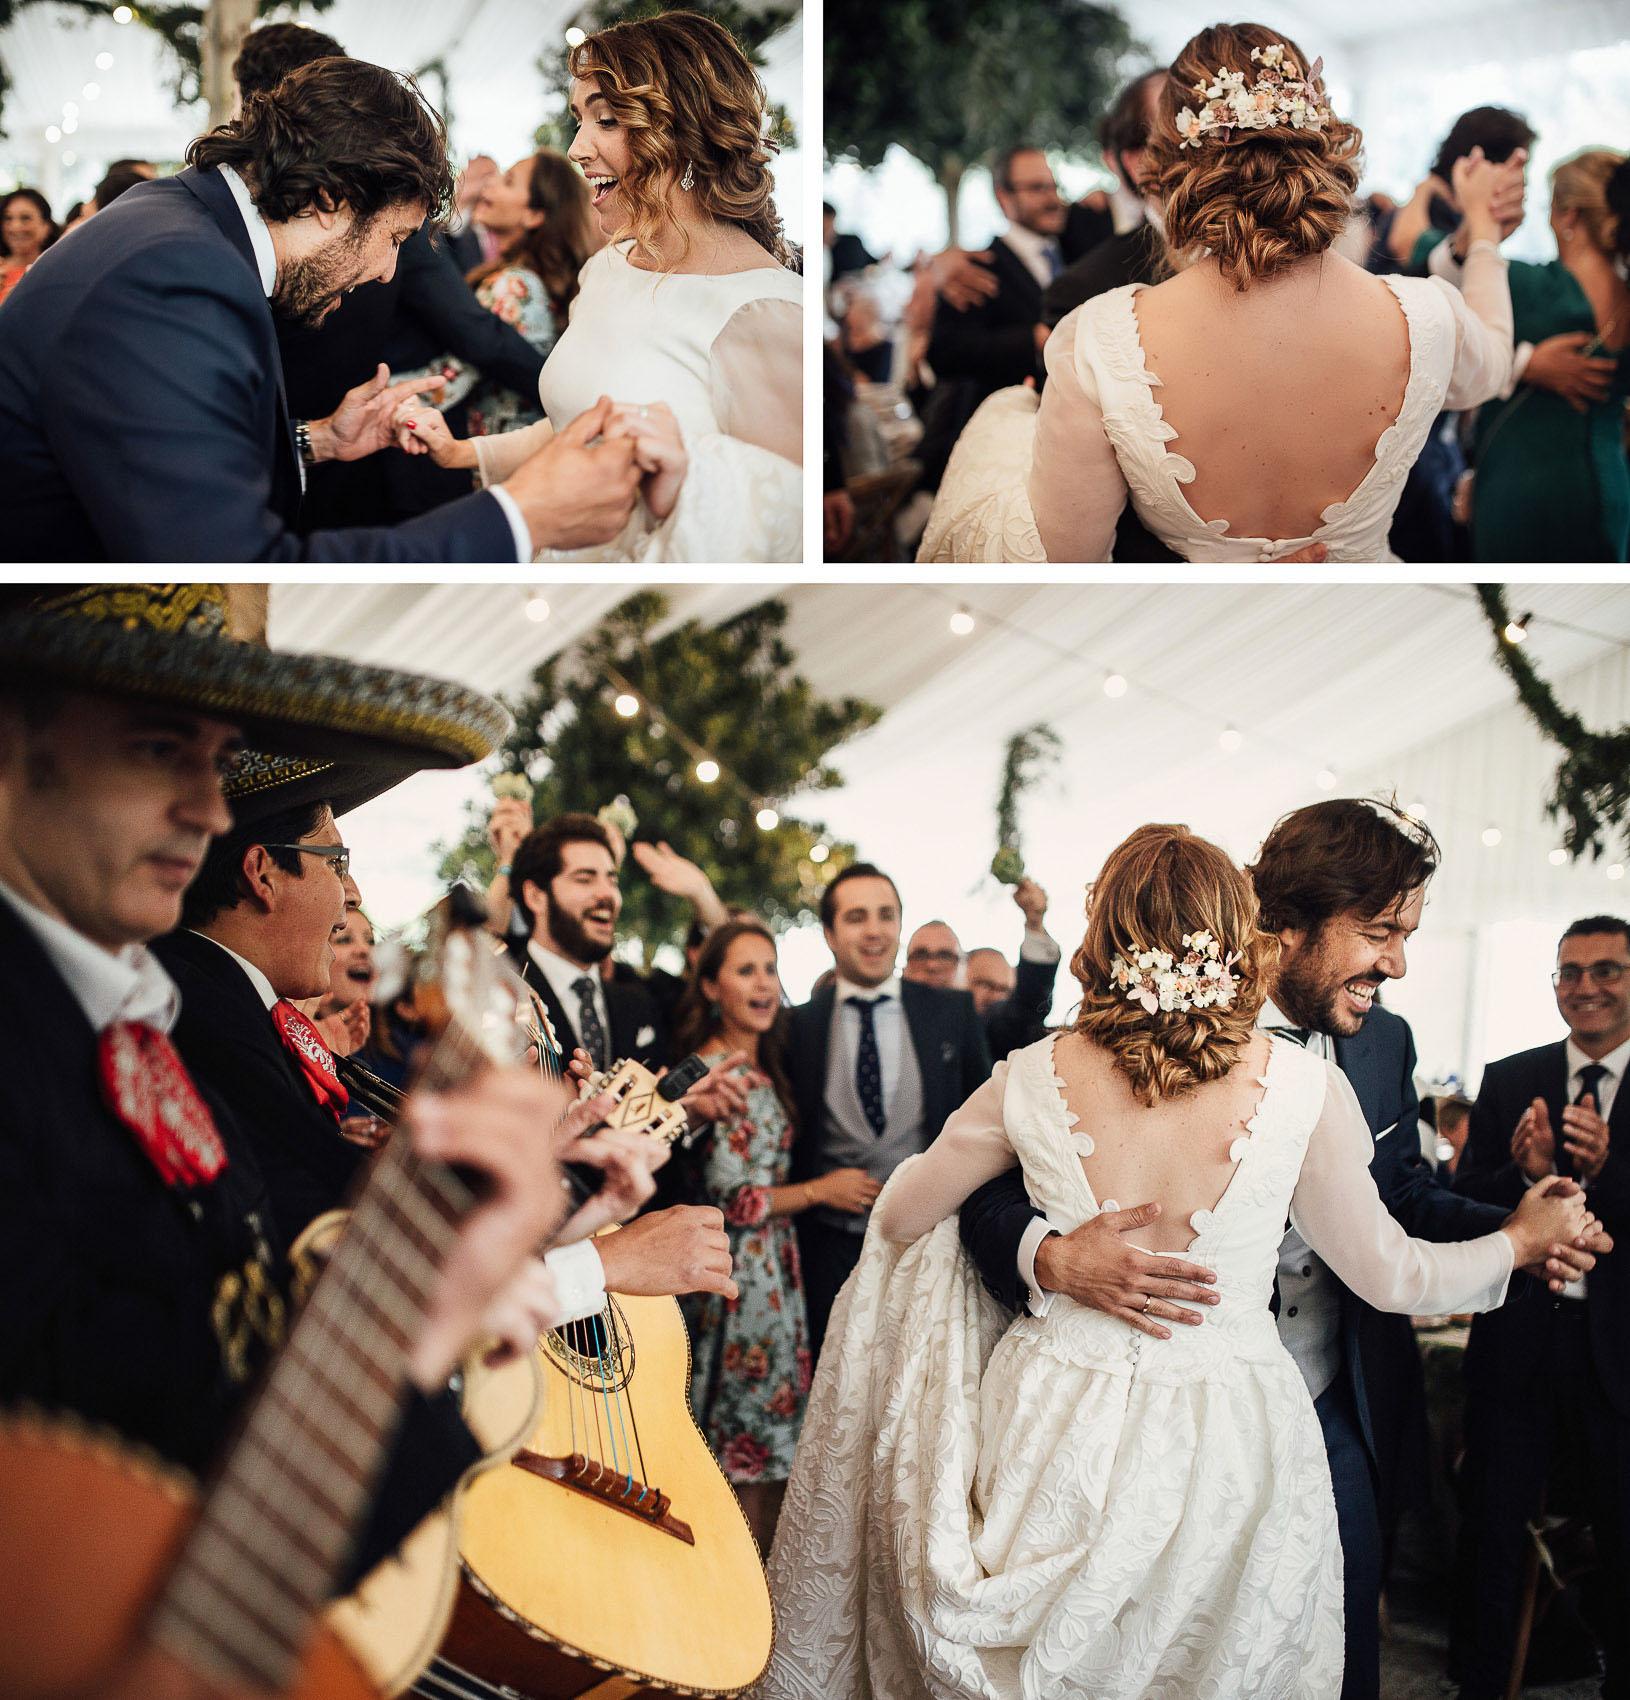 fiesta novios baile musica directo mariachis